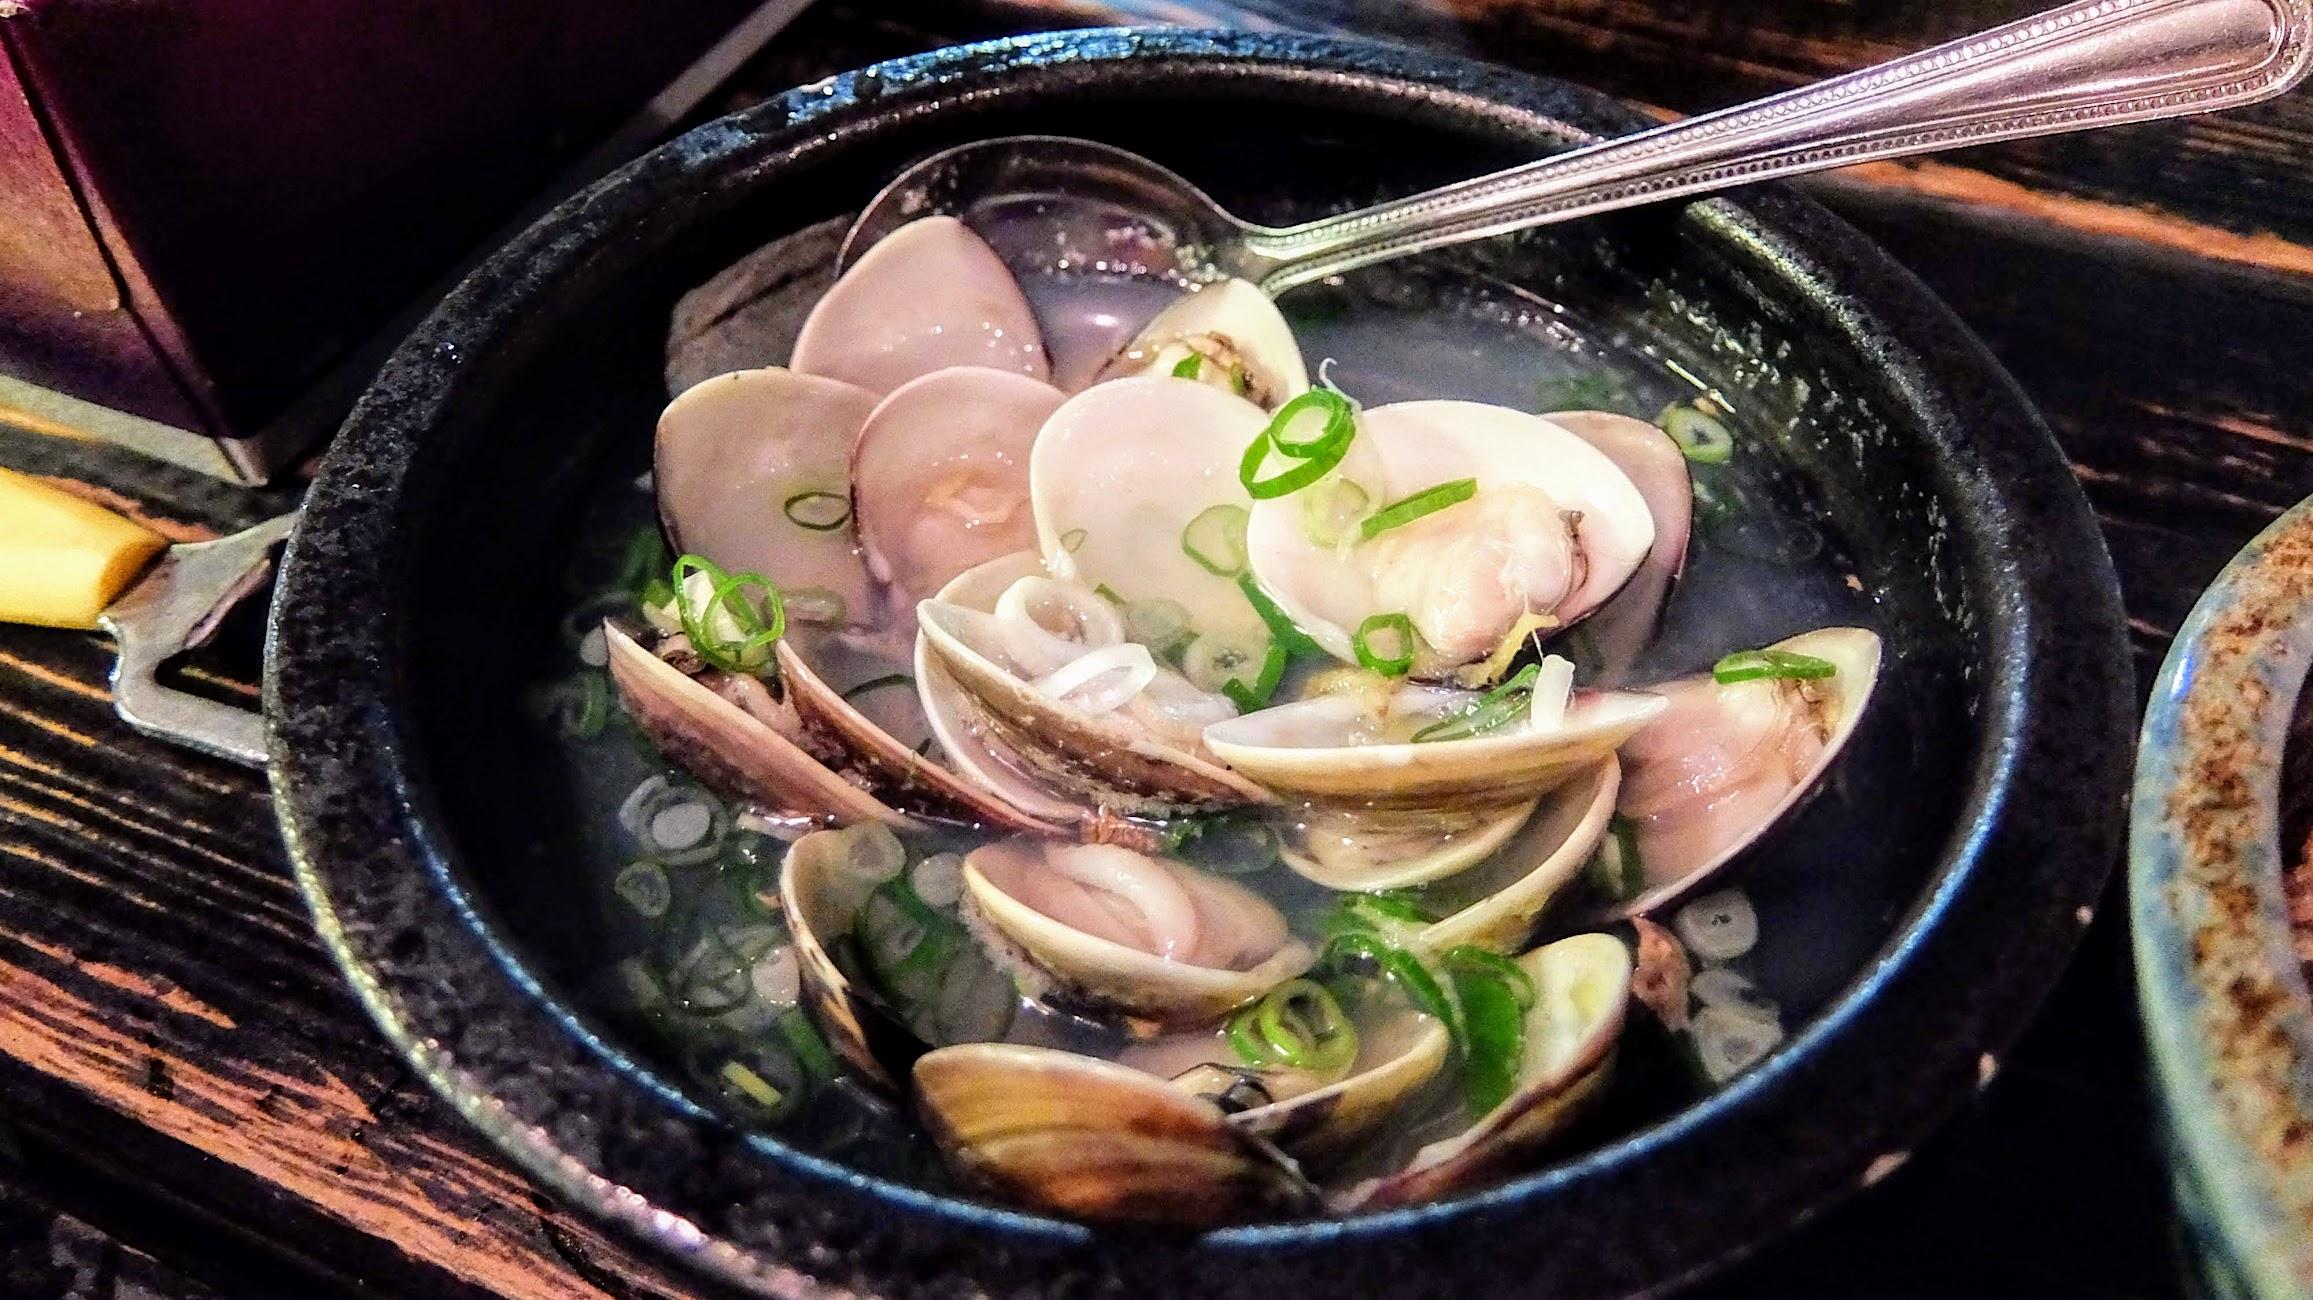 酒蒸蛤蠣,蛤蠣給得很多,湯頭清甜